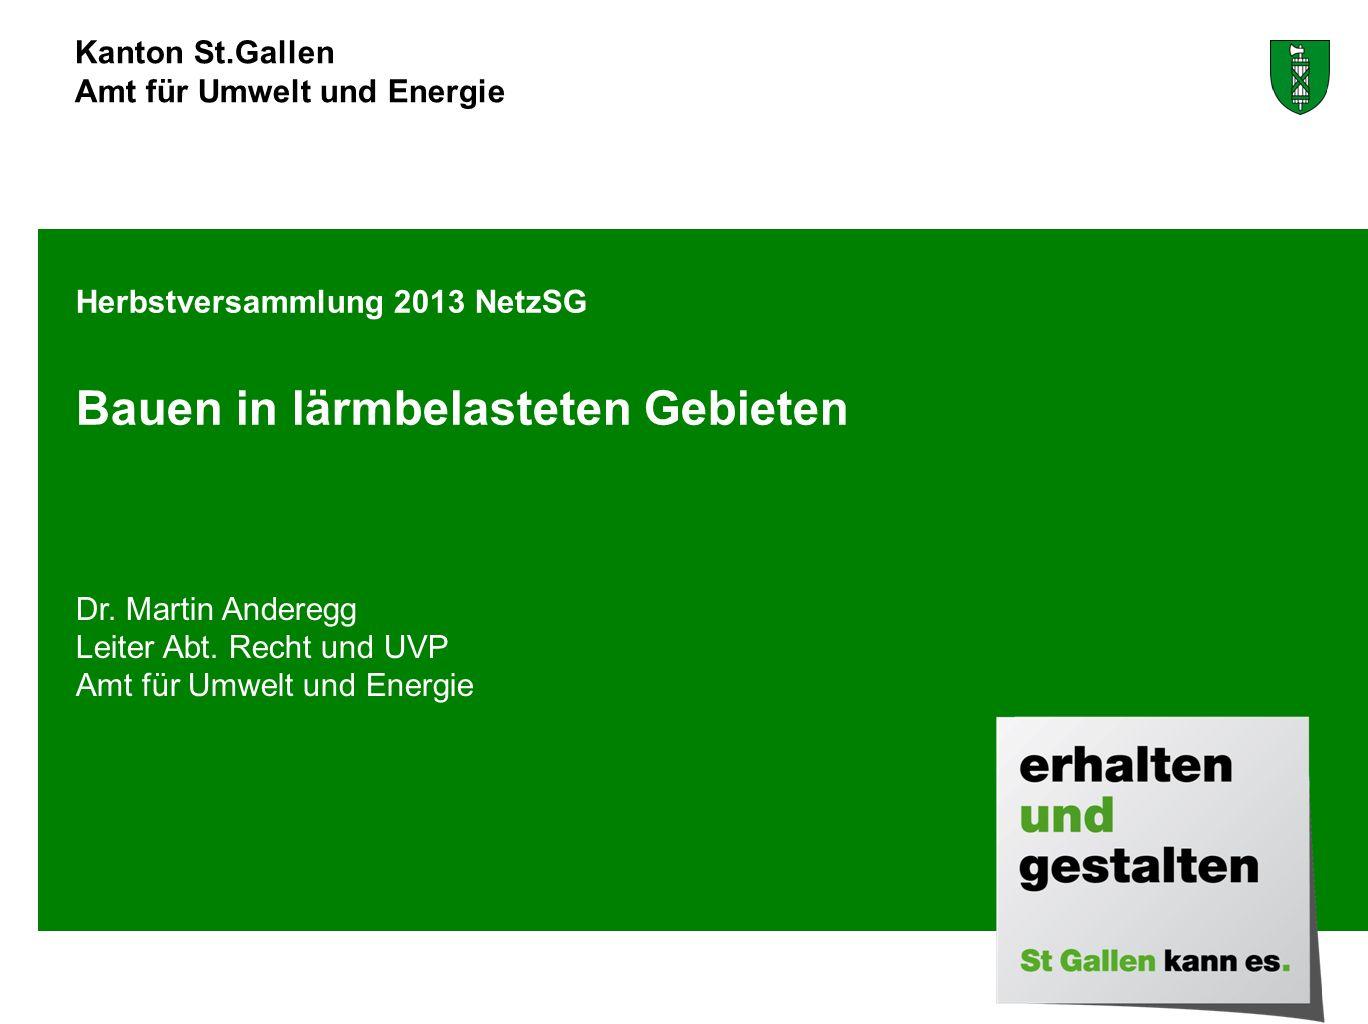 Kanton St.Gallen Amt für Umwelt und Energie Dr. Martin Anderegg Leiter Abt. Recht und UVP Amt für Umwelt und Energie Herbstversammlung 2013 NetzSG Bau